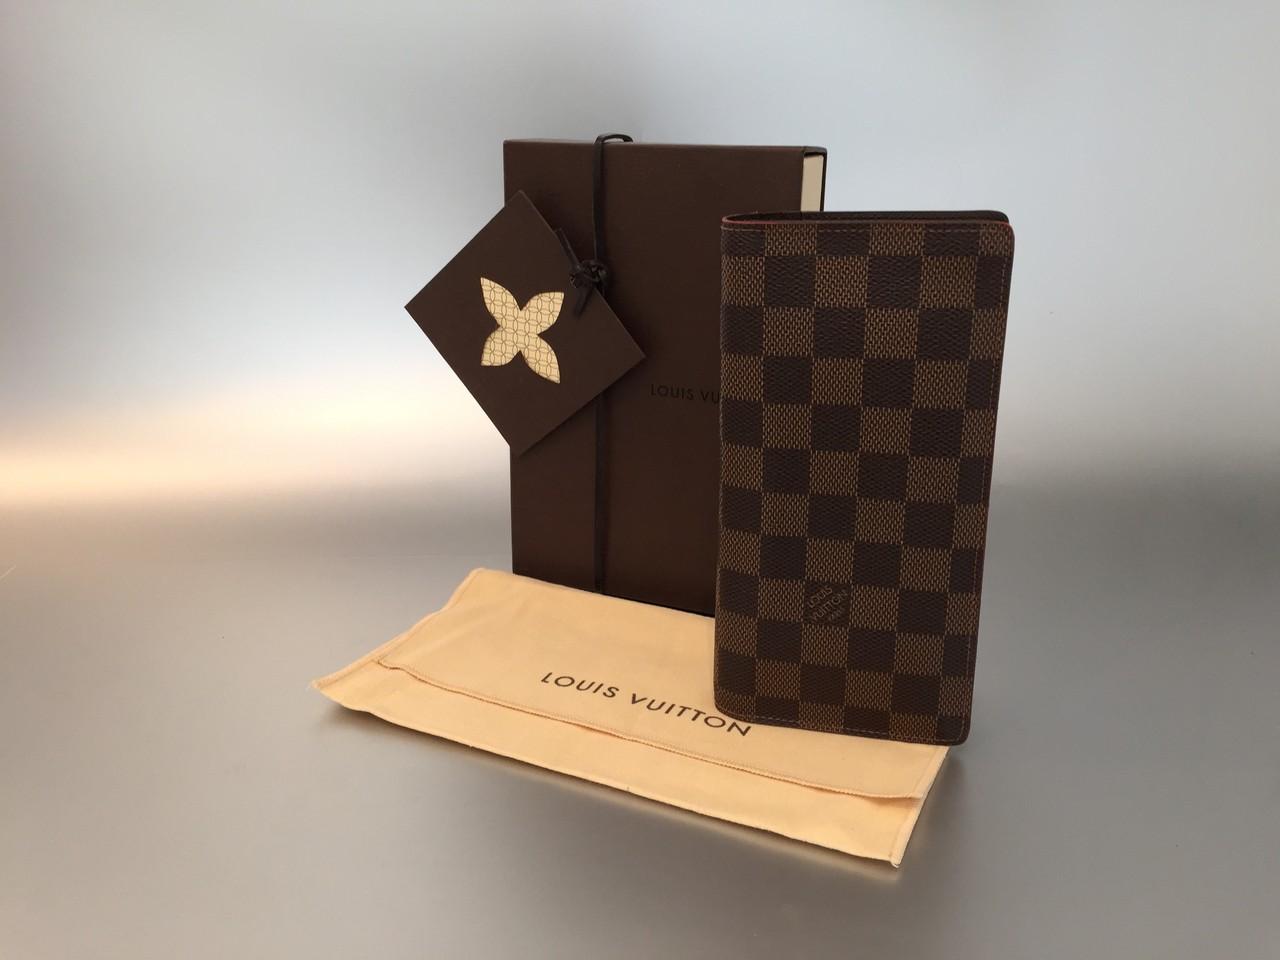 louis vuitton damier ebene brazza geldb rse ankauf verkauf second hand designertaschen und. Black Bedroom Furniture Sets. Home Design Ideas